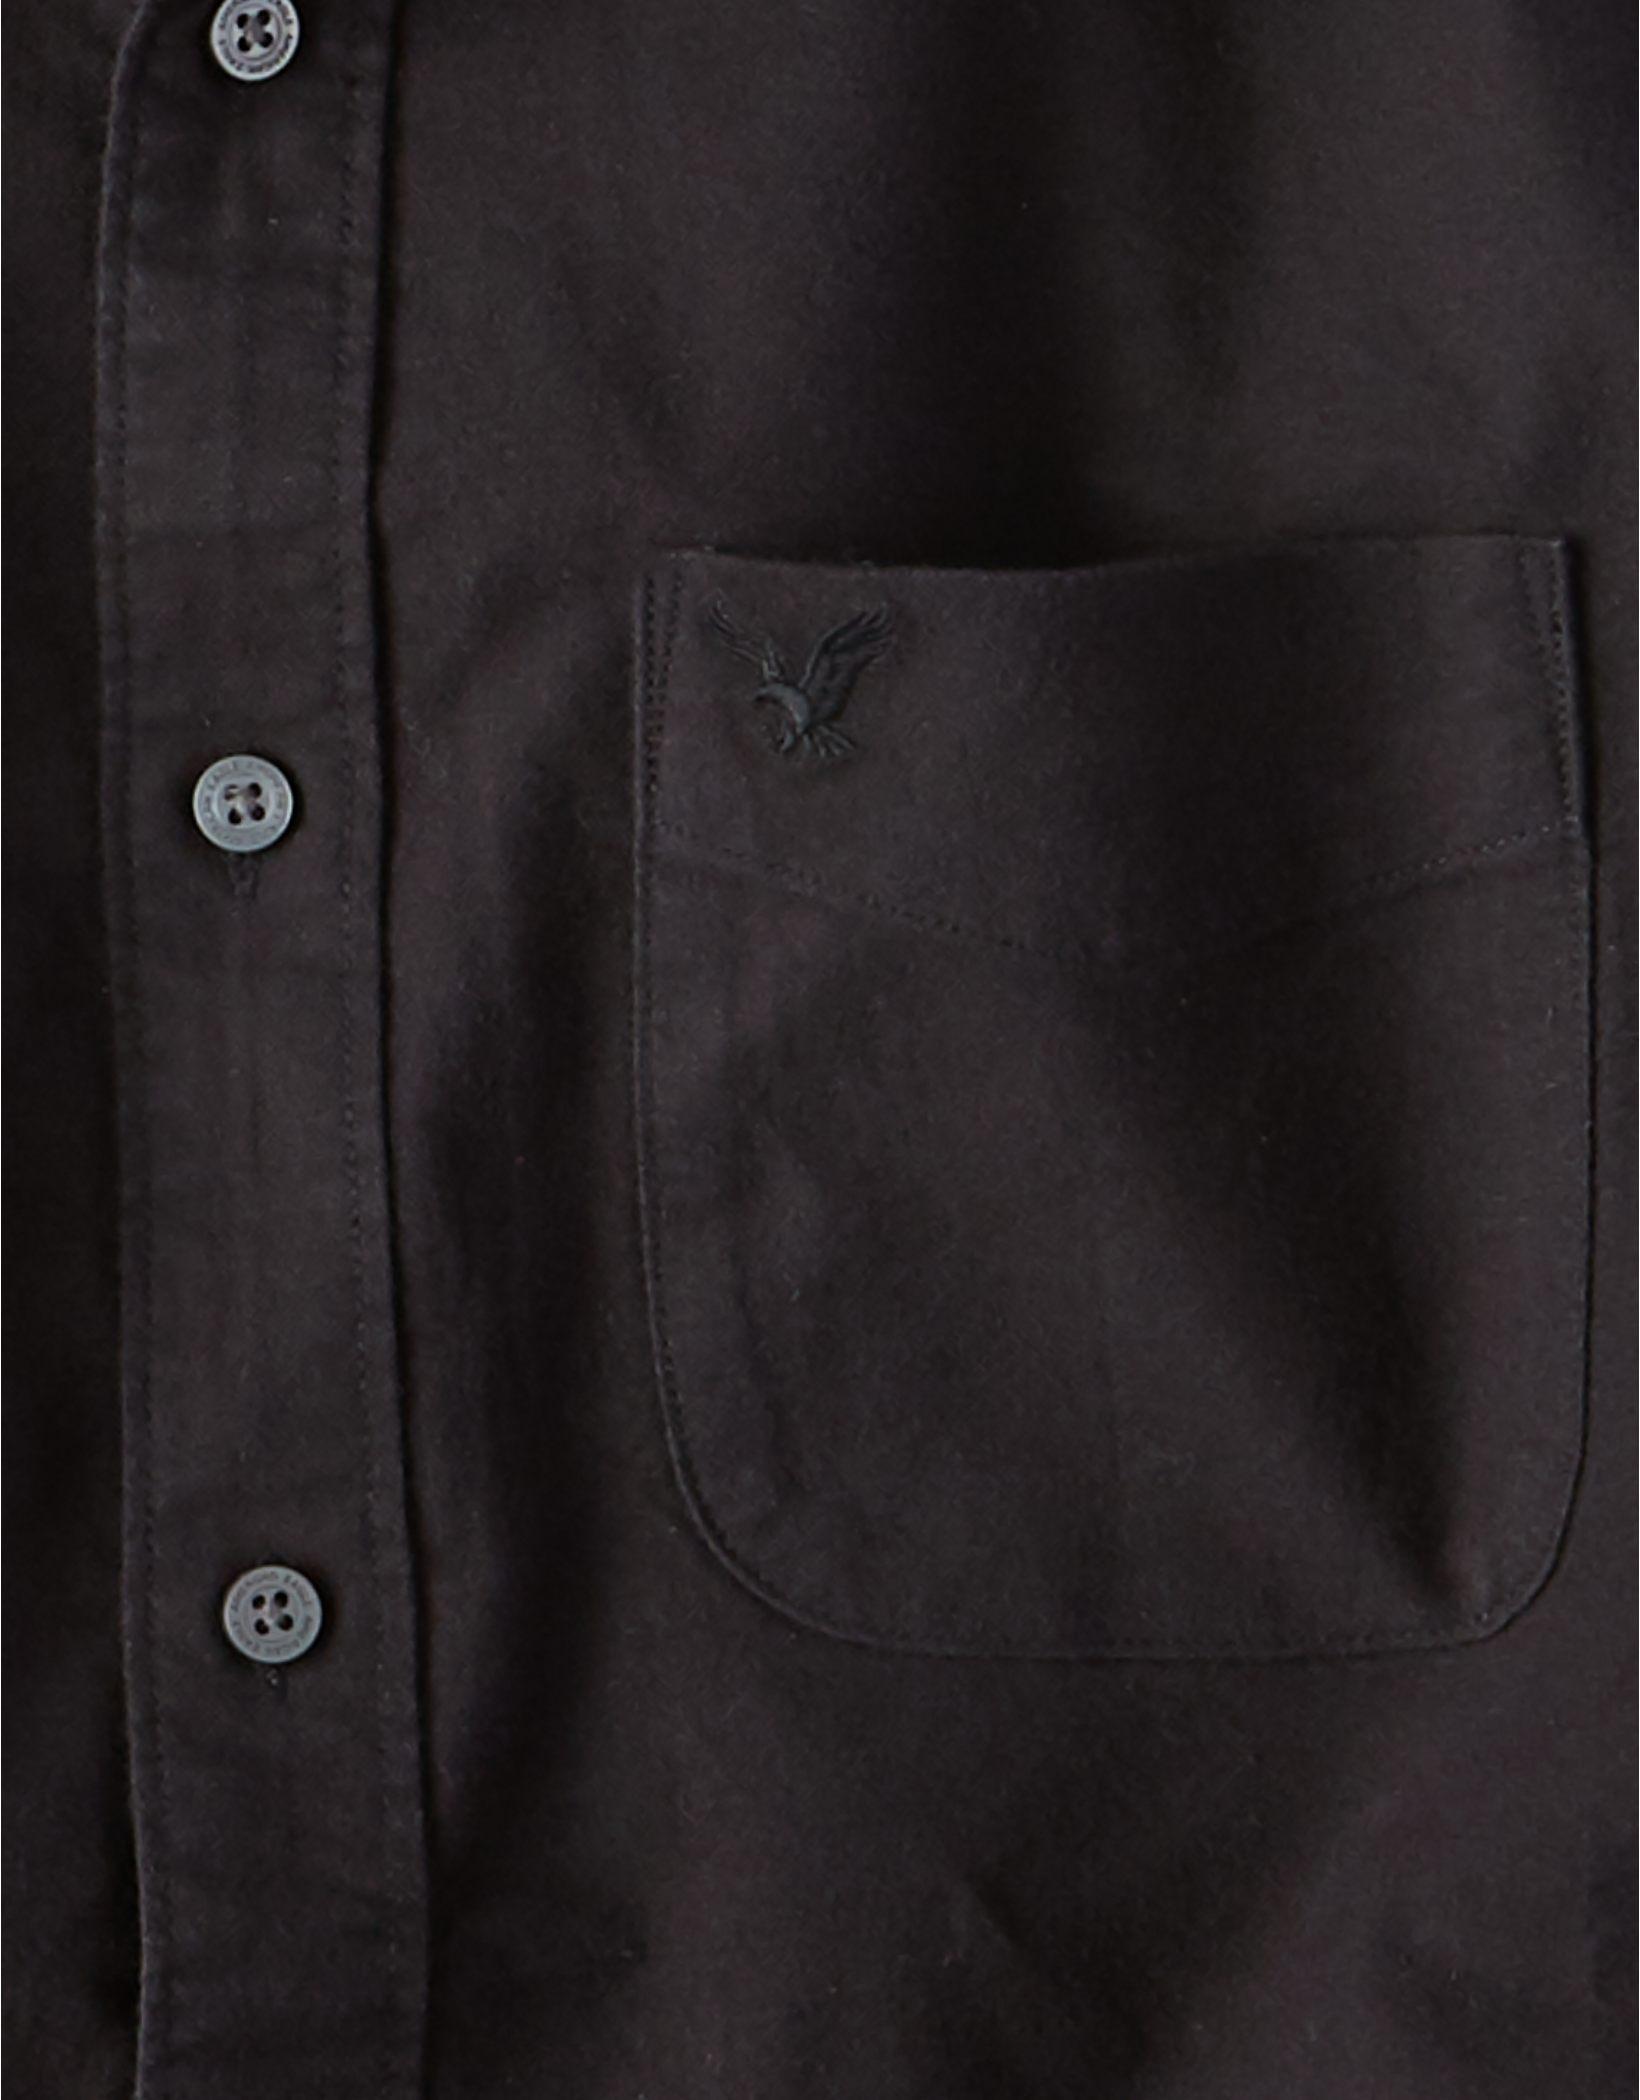 AE Short Sleeve Button Down Shirt